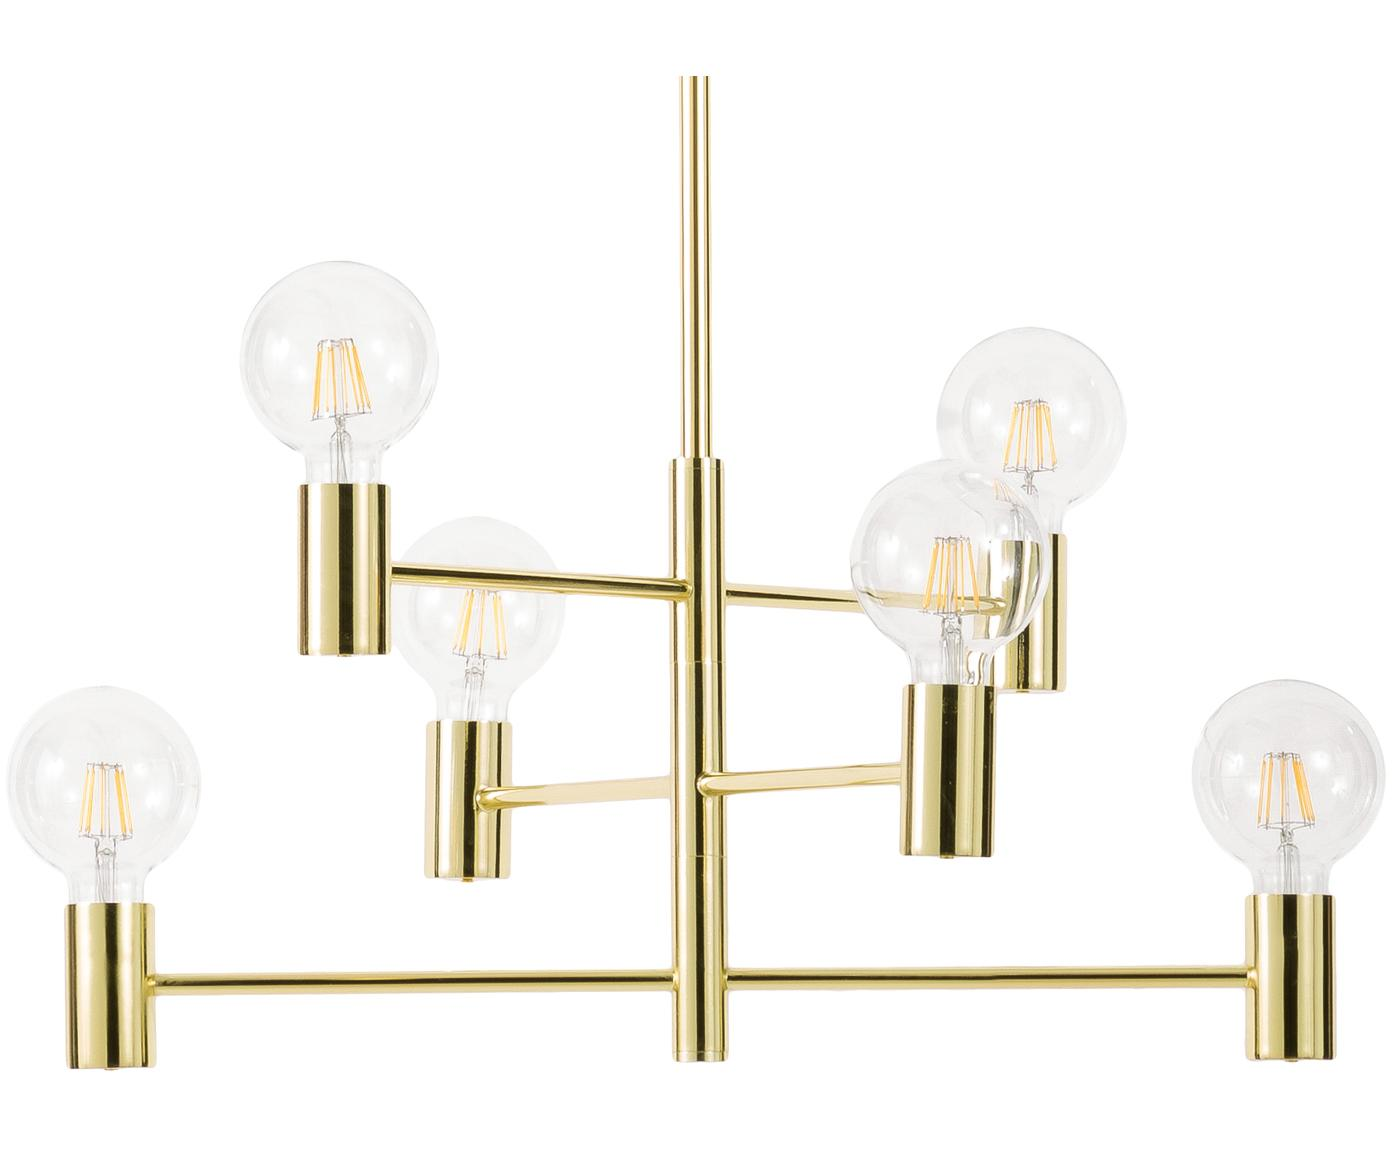 Lámpara de techo Capital, Metal, latón, Latón, Ø 63 cm